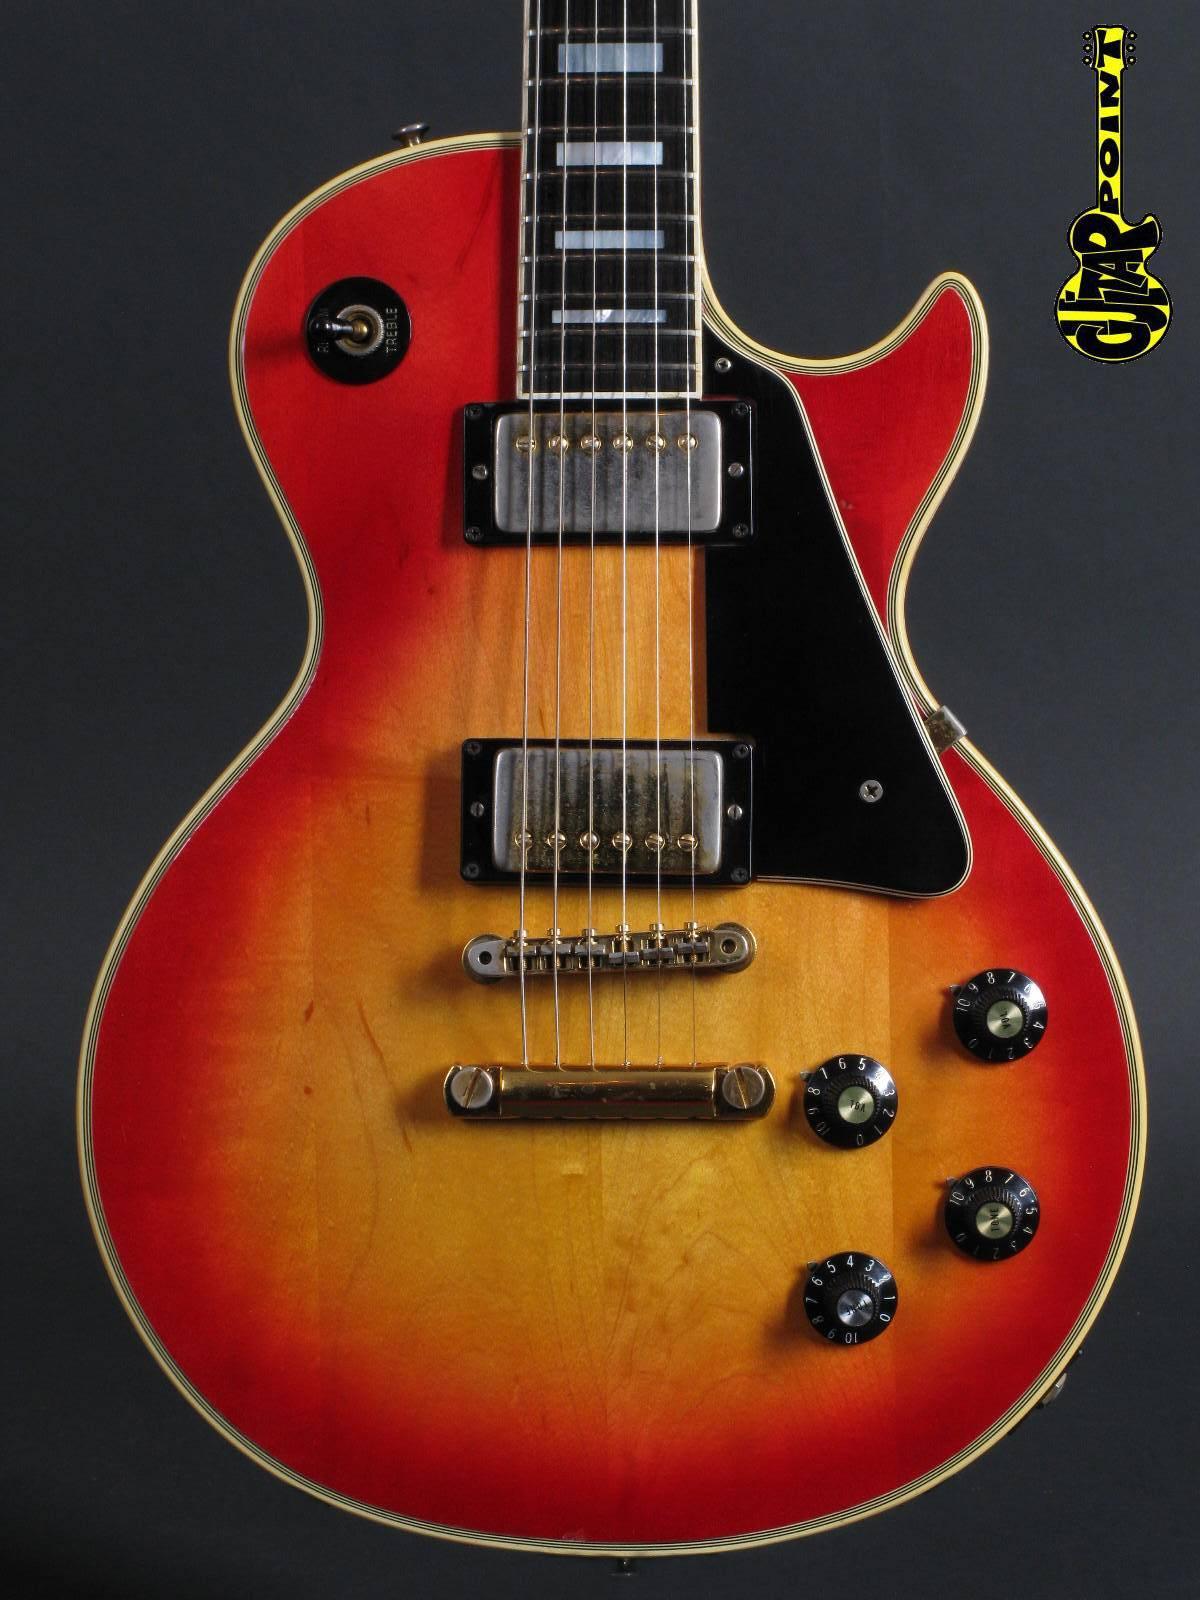 1974 Gibson Les Paul Custom - Cherry Burst